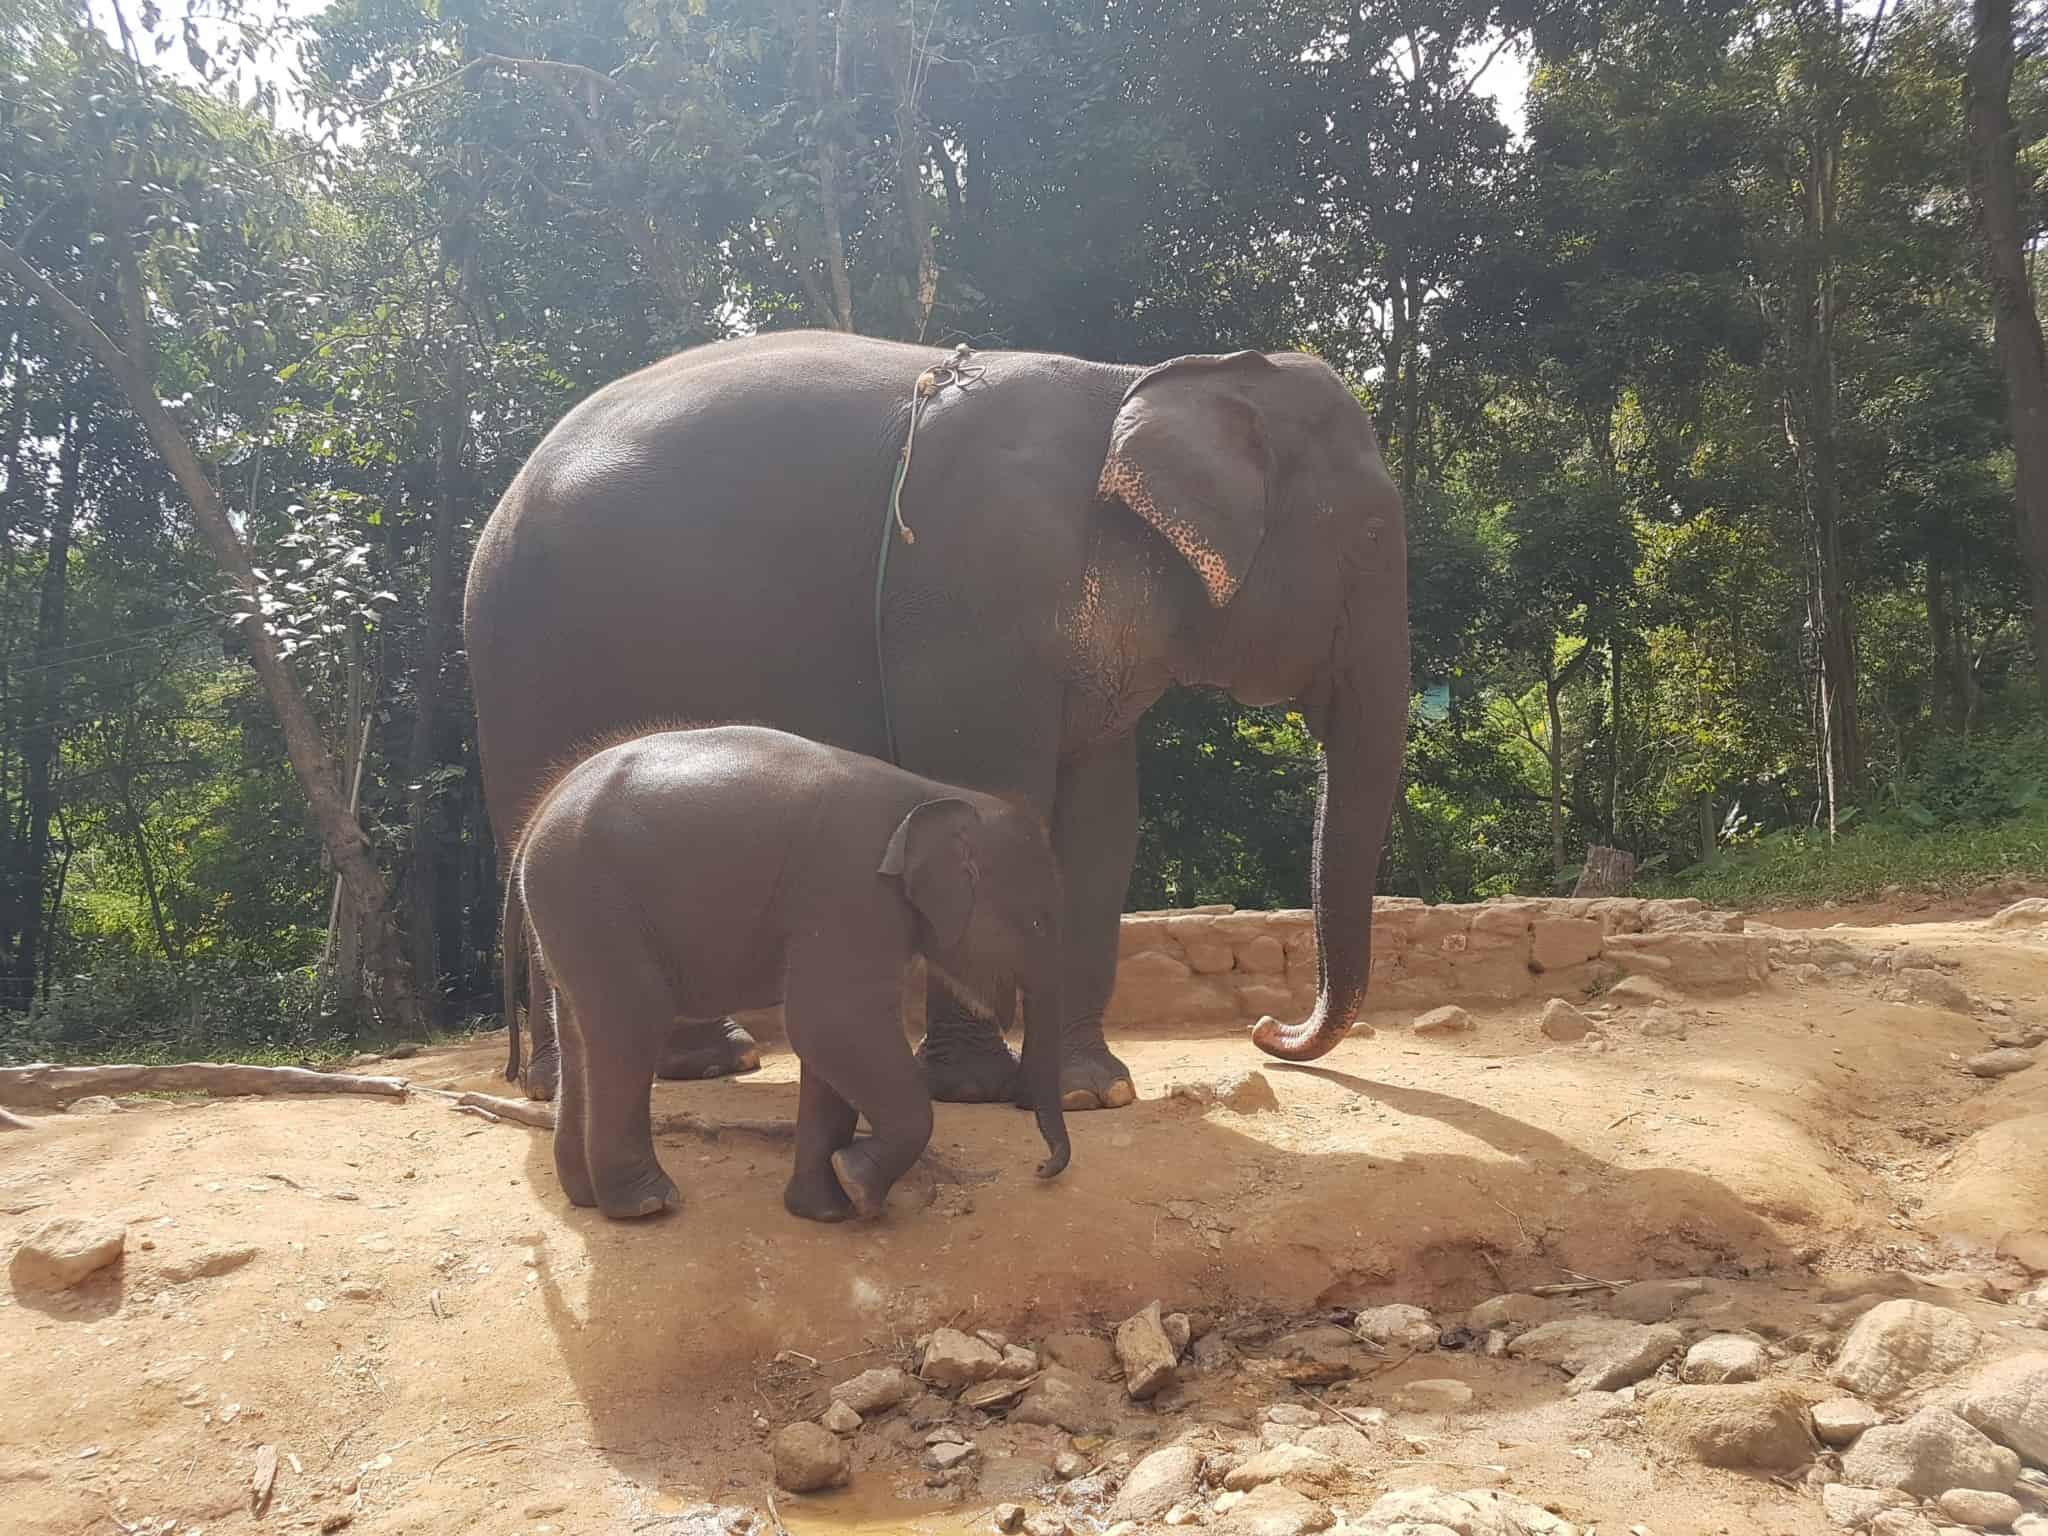 Thaïlande, tour en quad et rencontre imprévue avec les éléphants 🐘 10